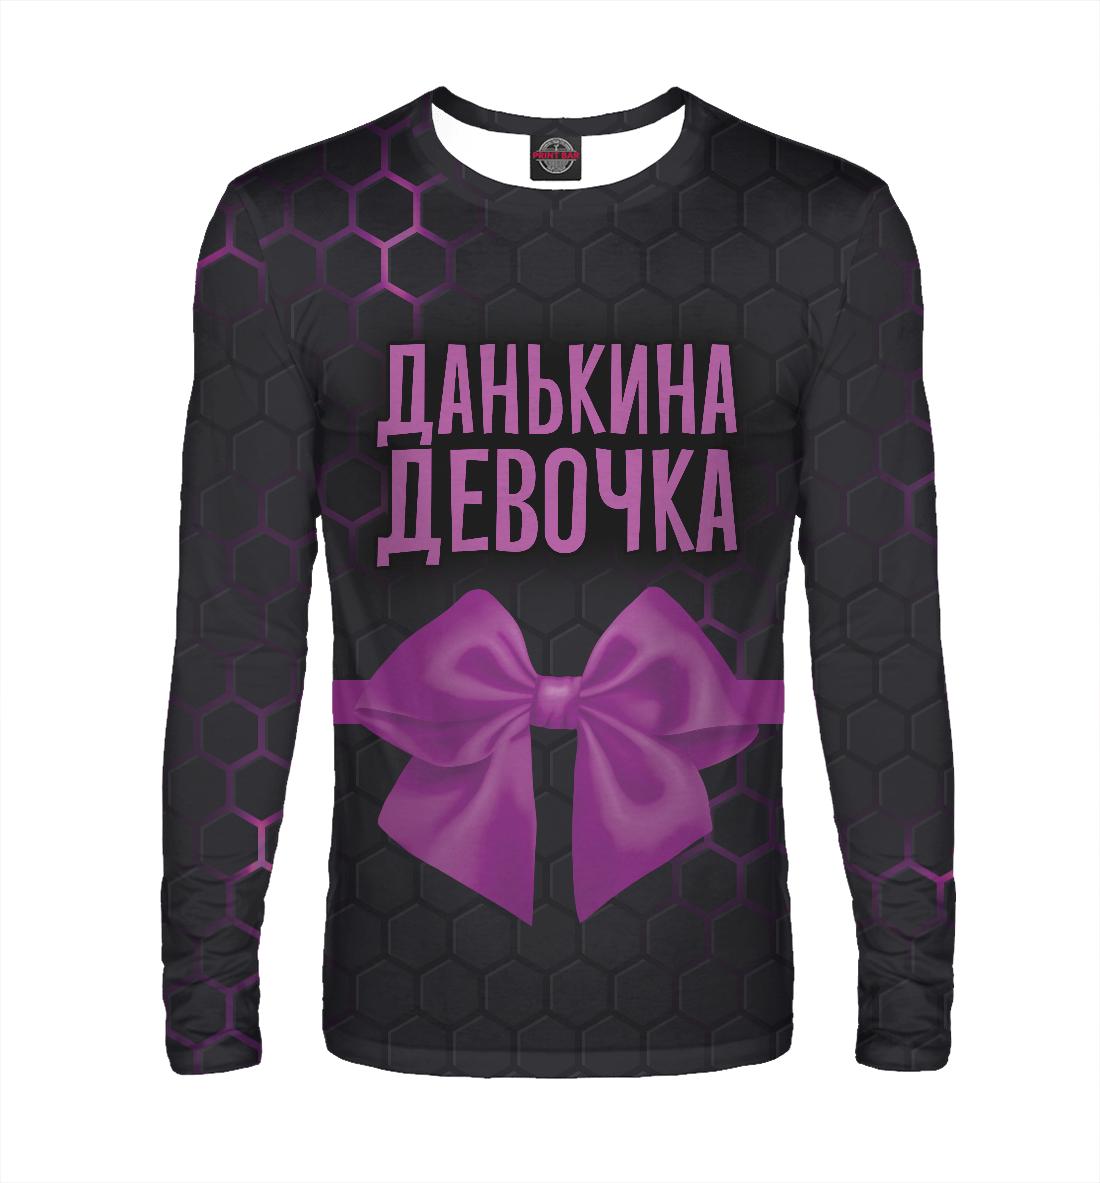 Лонгслив Данькина девочка